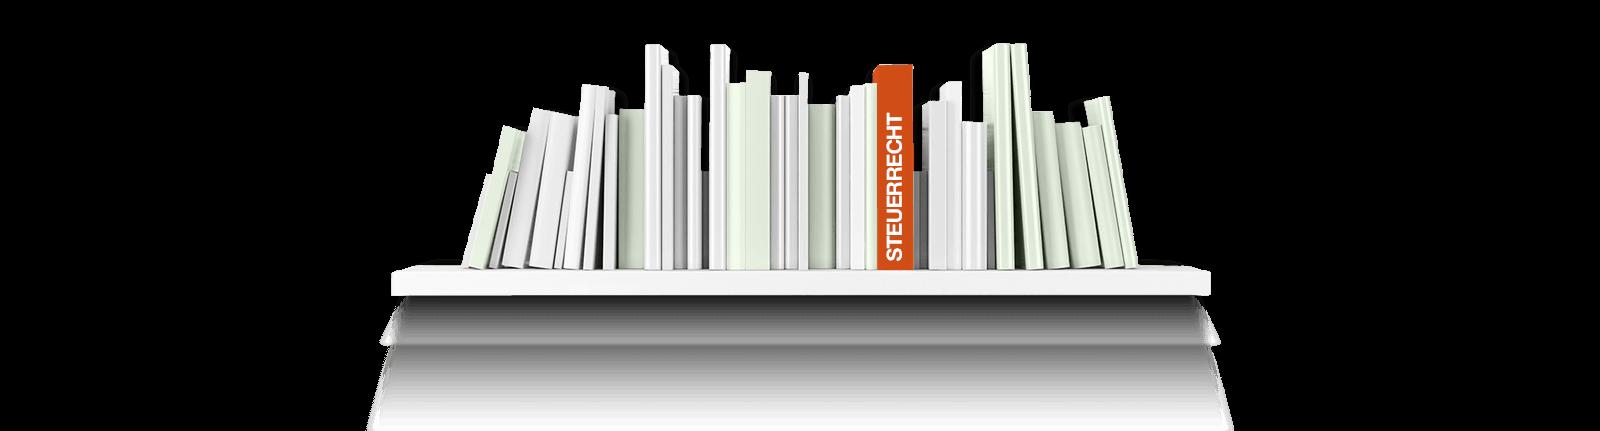 Bild zeigt ein Bücherregal mit einem Buch zum Thema Steuerrecht